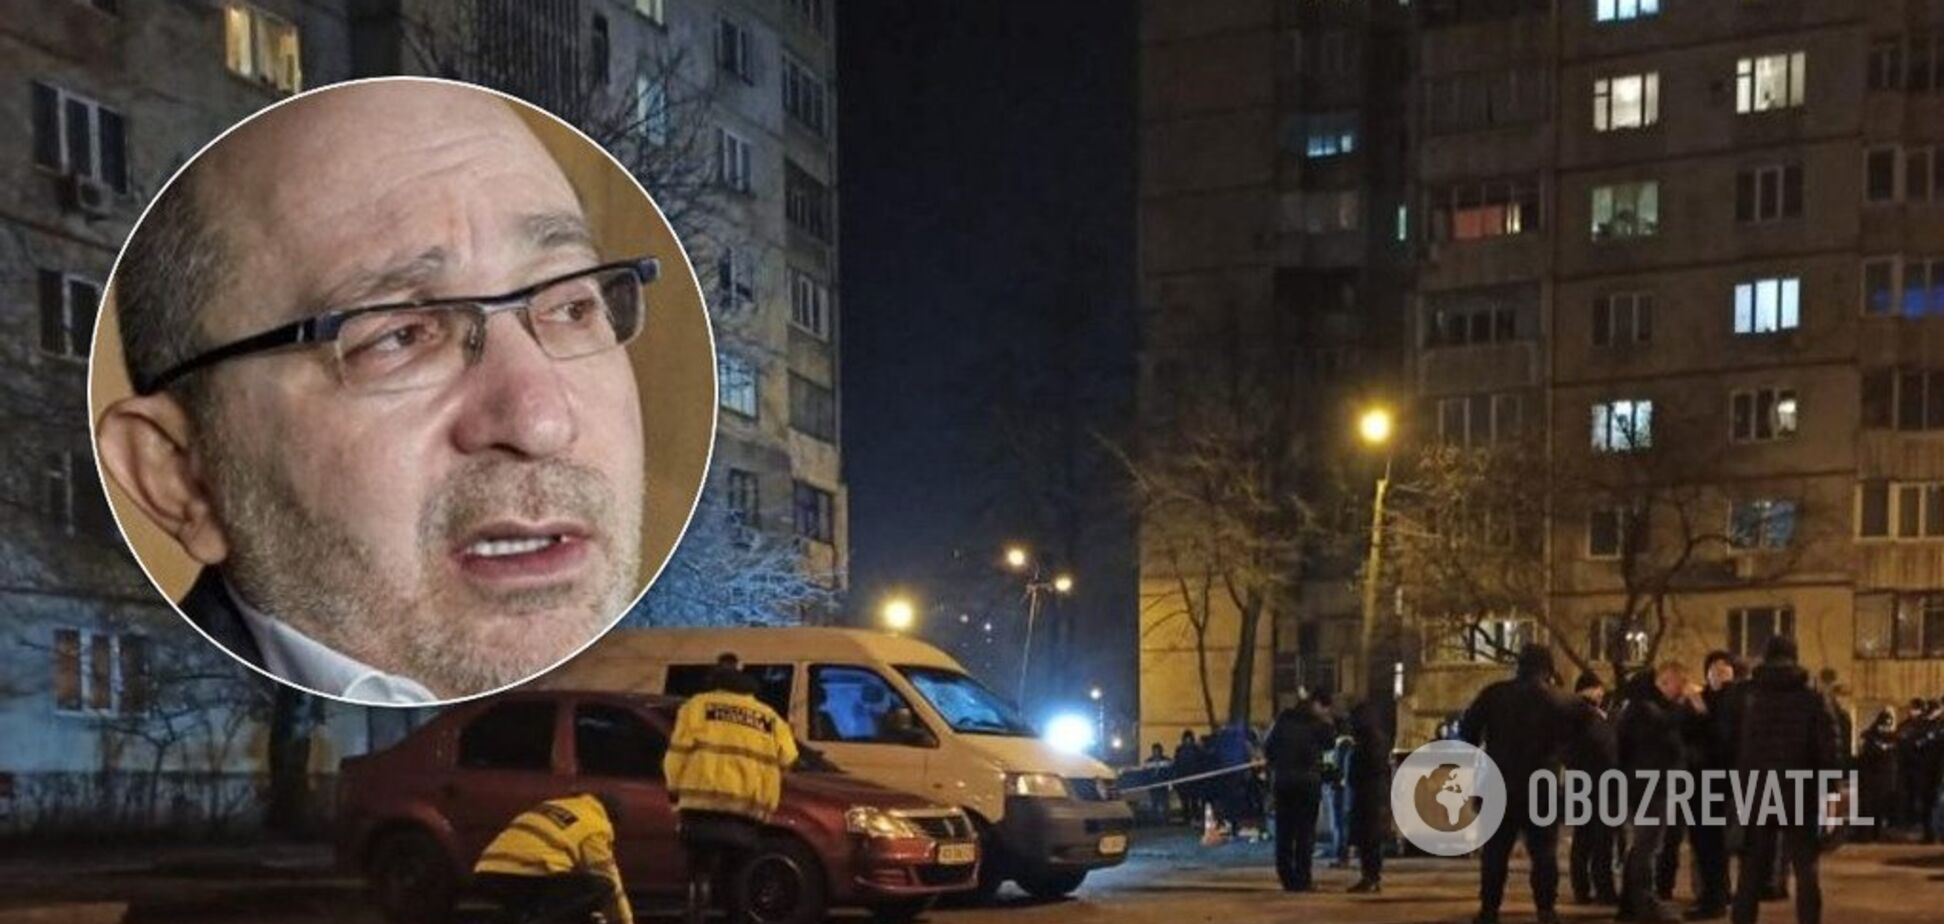 Связано с убийством друга Кернеса? Появились детали расстрела бизнесмена в Харькове